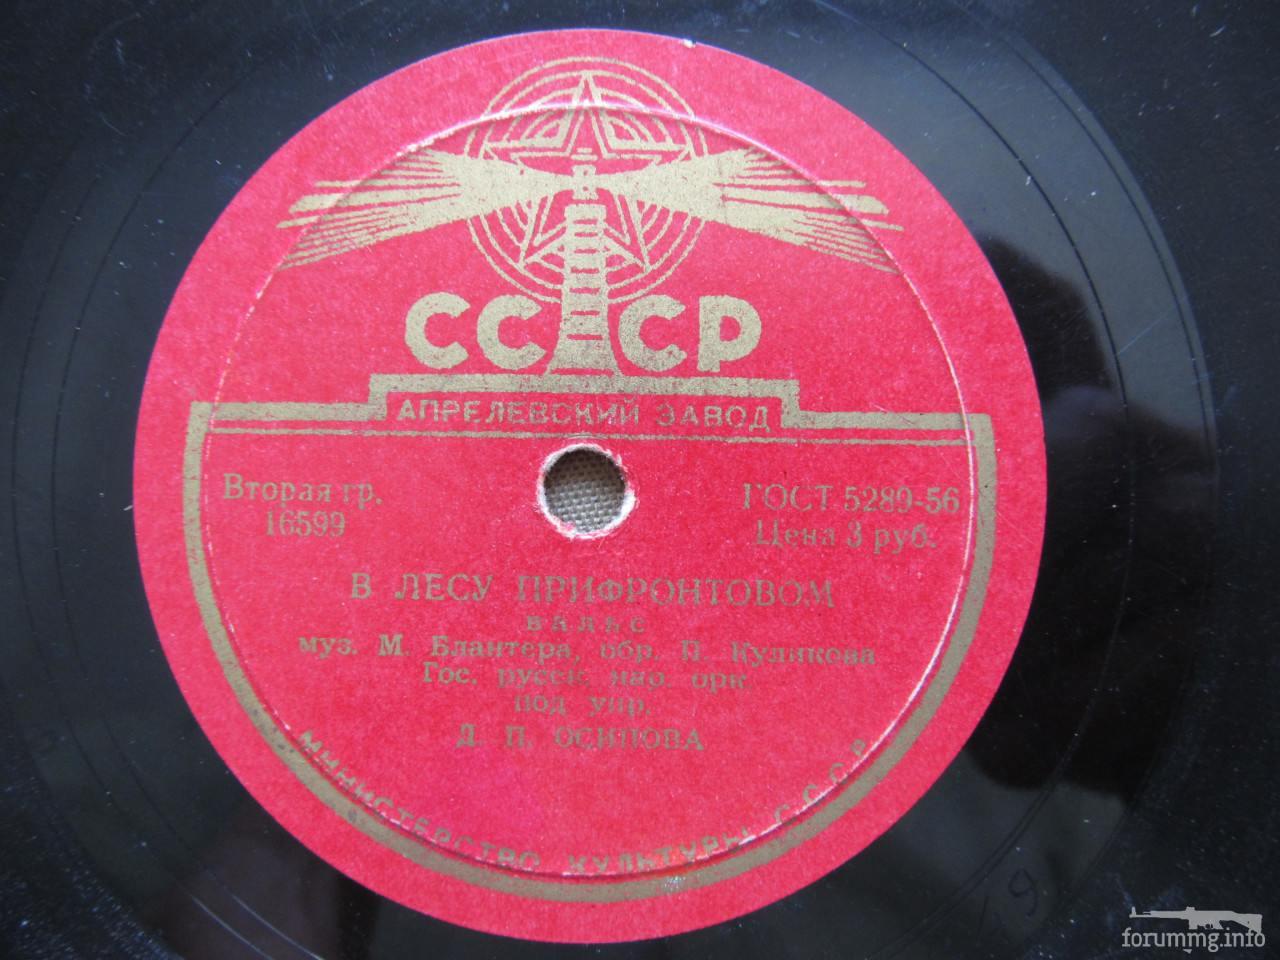 138248 - Міні-колекція патефонних пластів